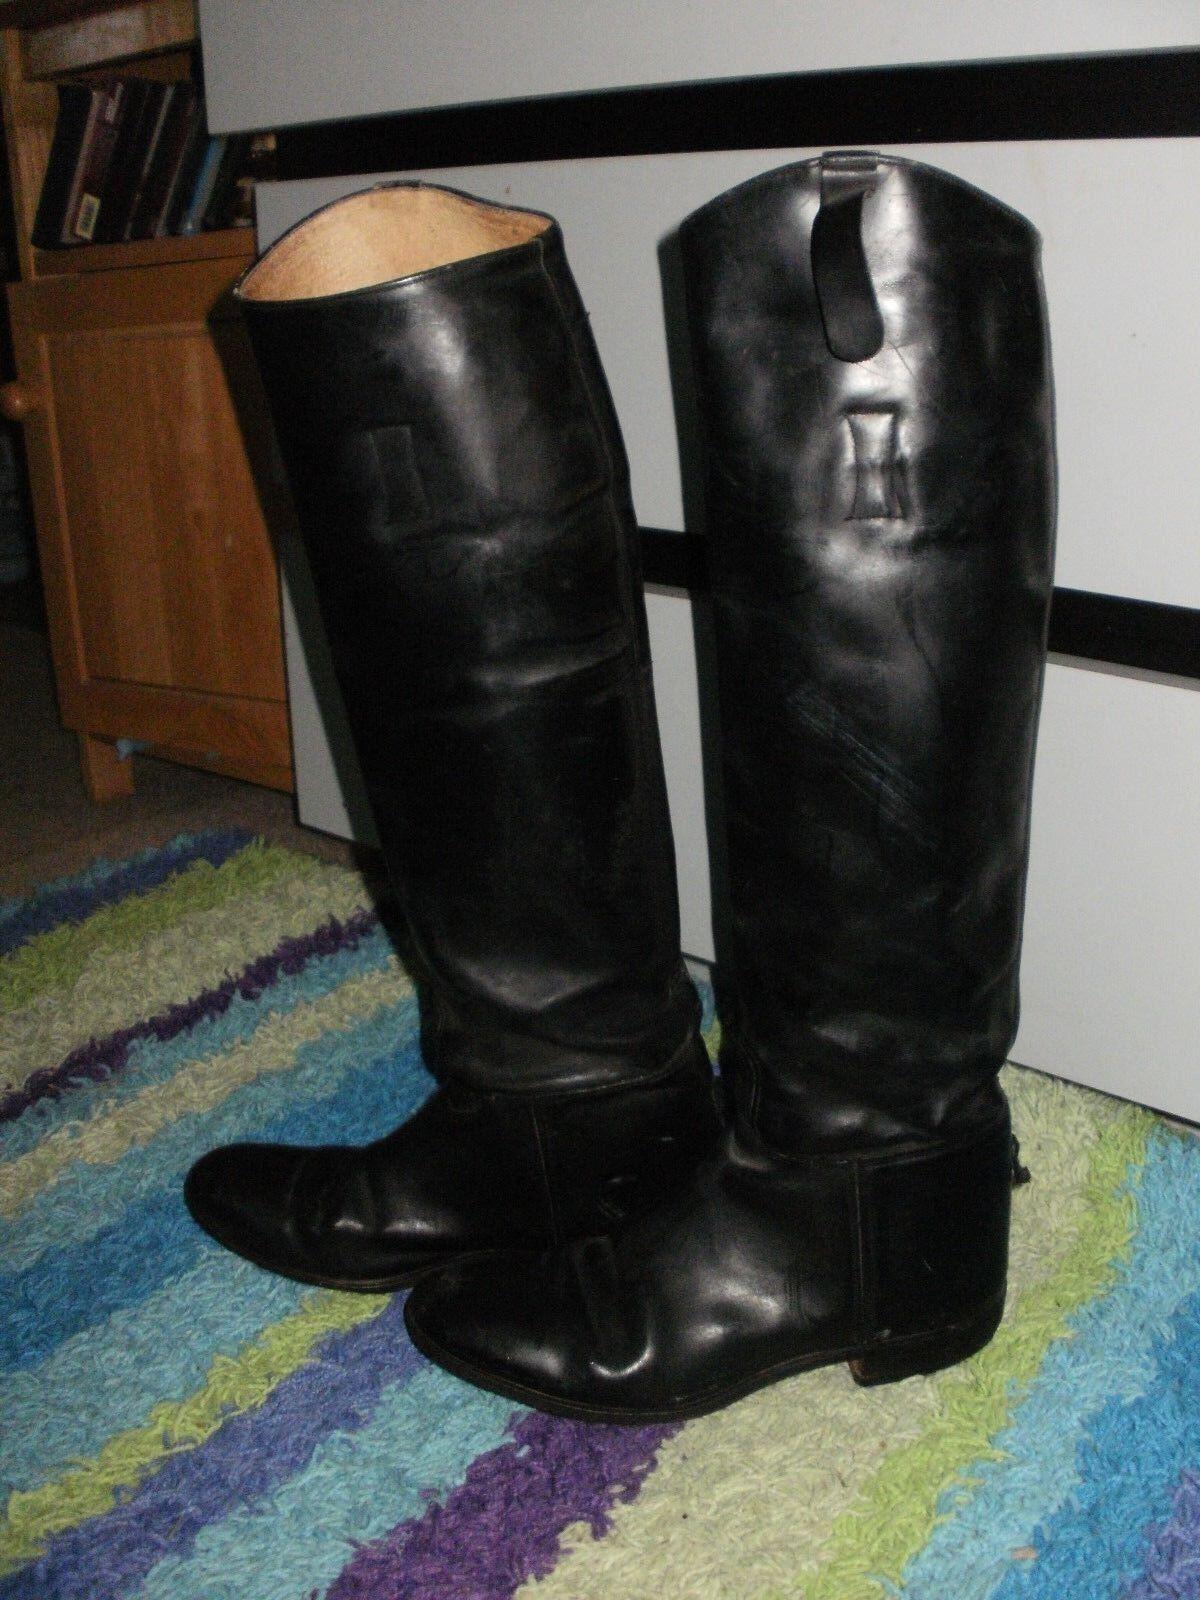 GRAND PRIX DRESS Stiefel LADIES US 7 13.5 CALF 18  TALL SIDESADDLE HUNT